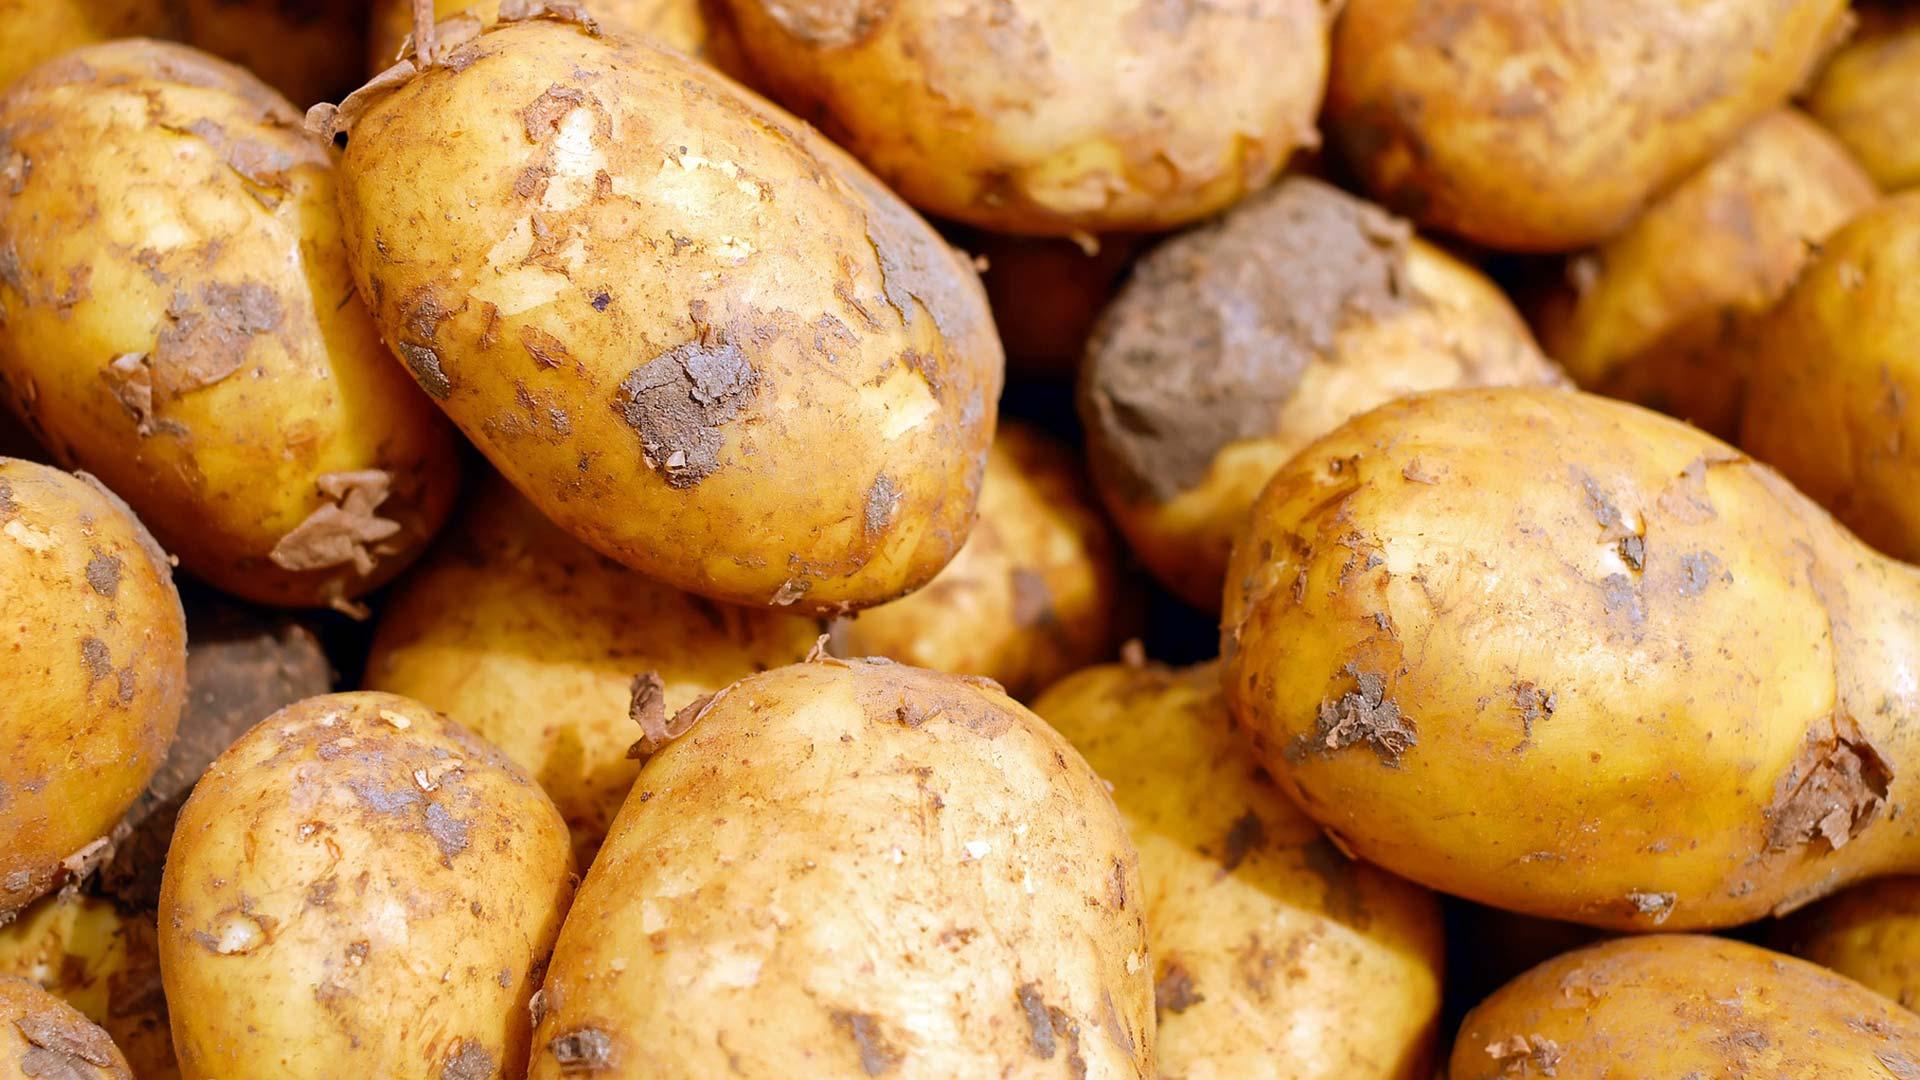 Kann man kartoffeln die keimen noch essen